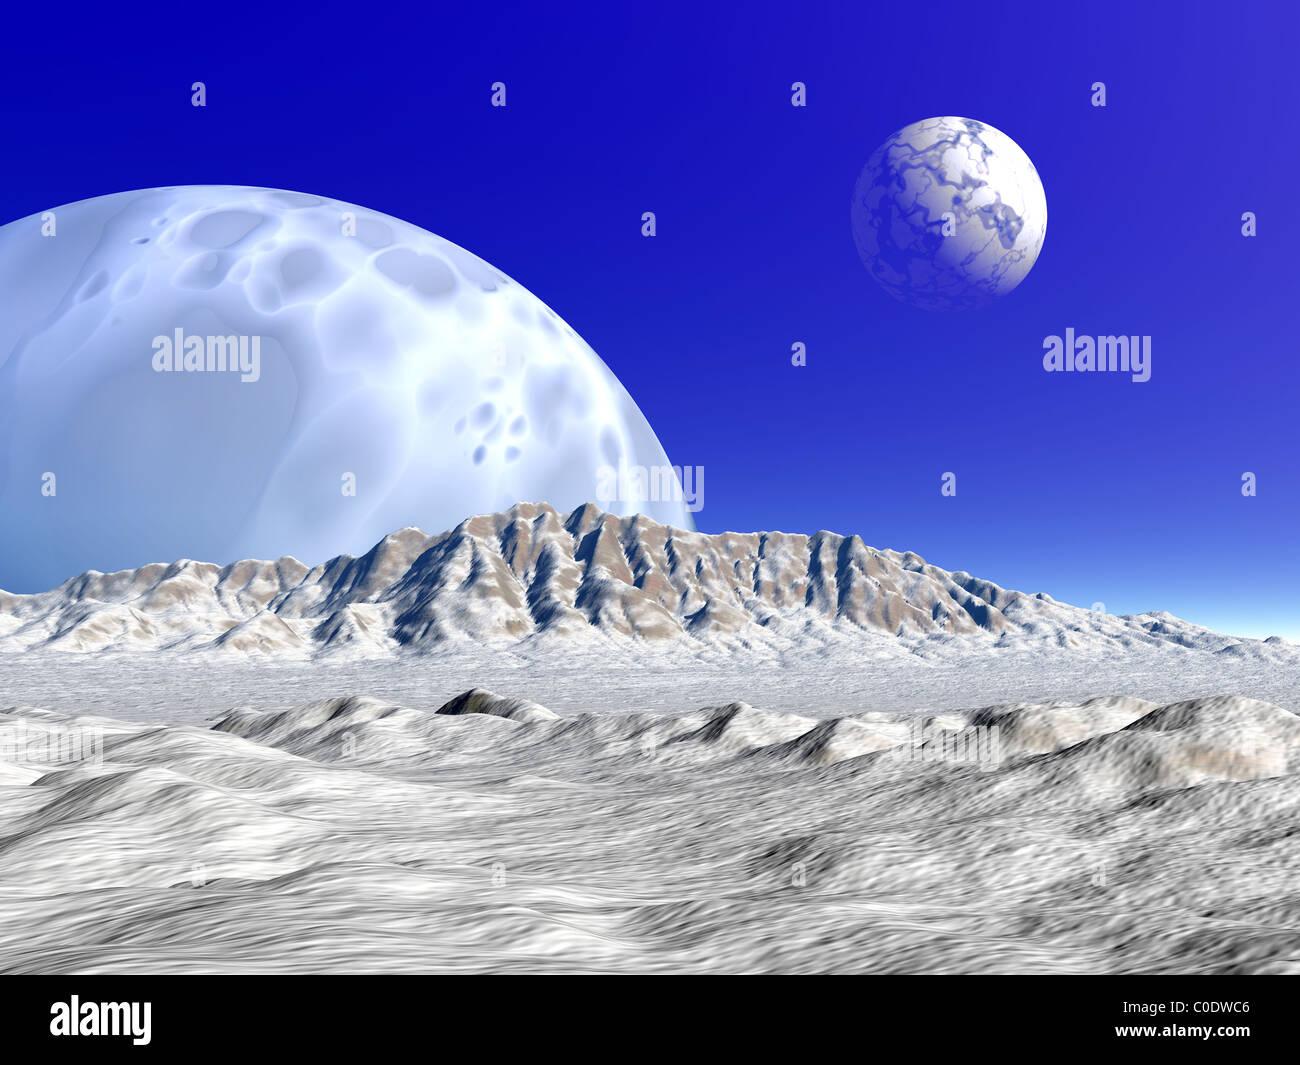 Concepto artístico de un sistema planetario extraterrestre. Foto de stock